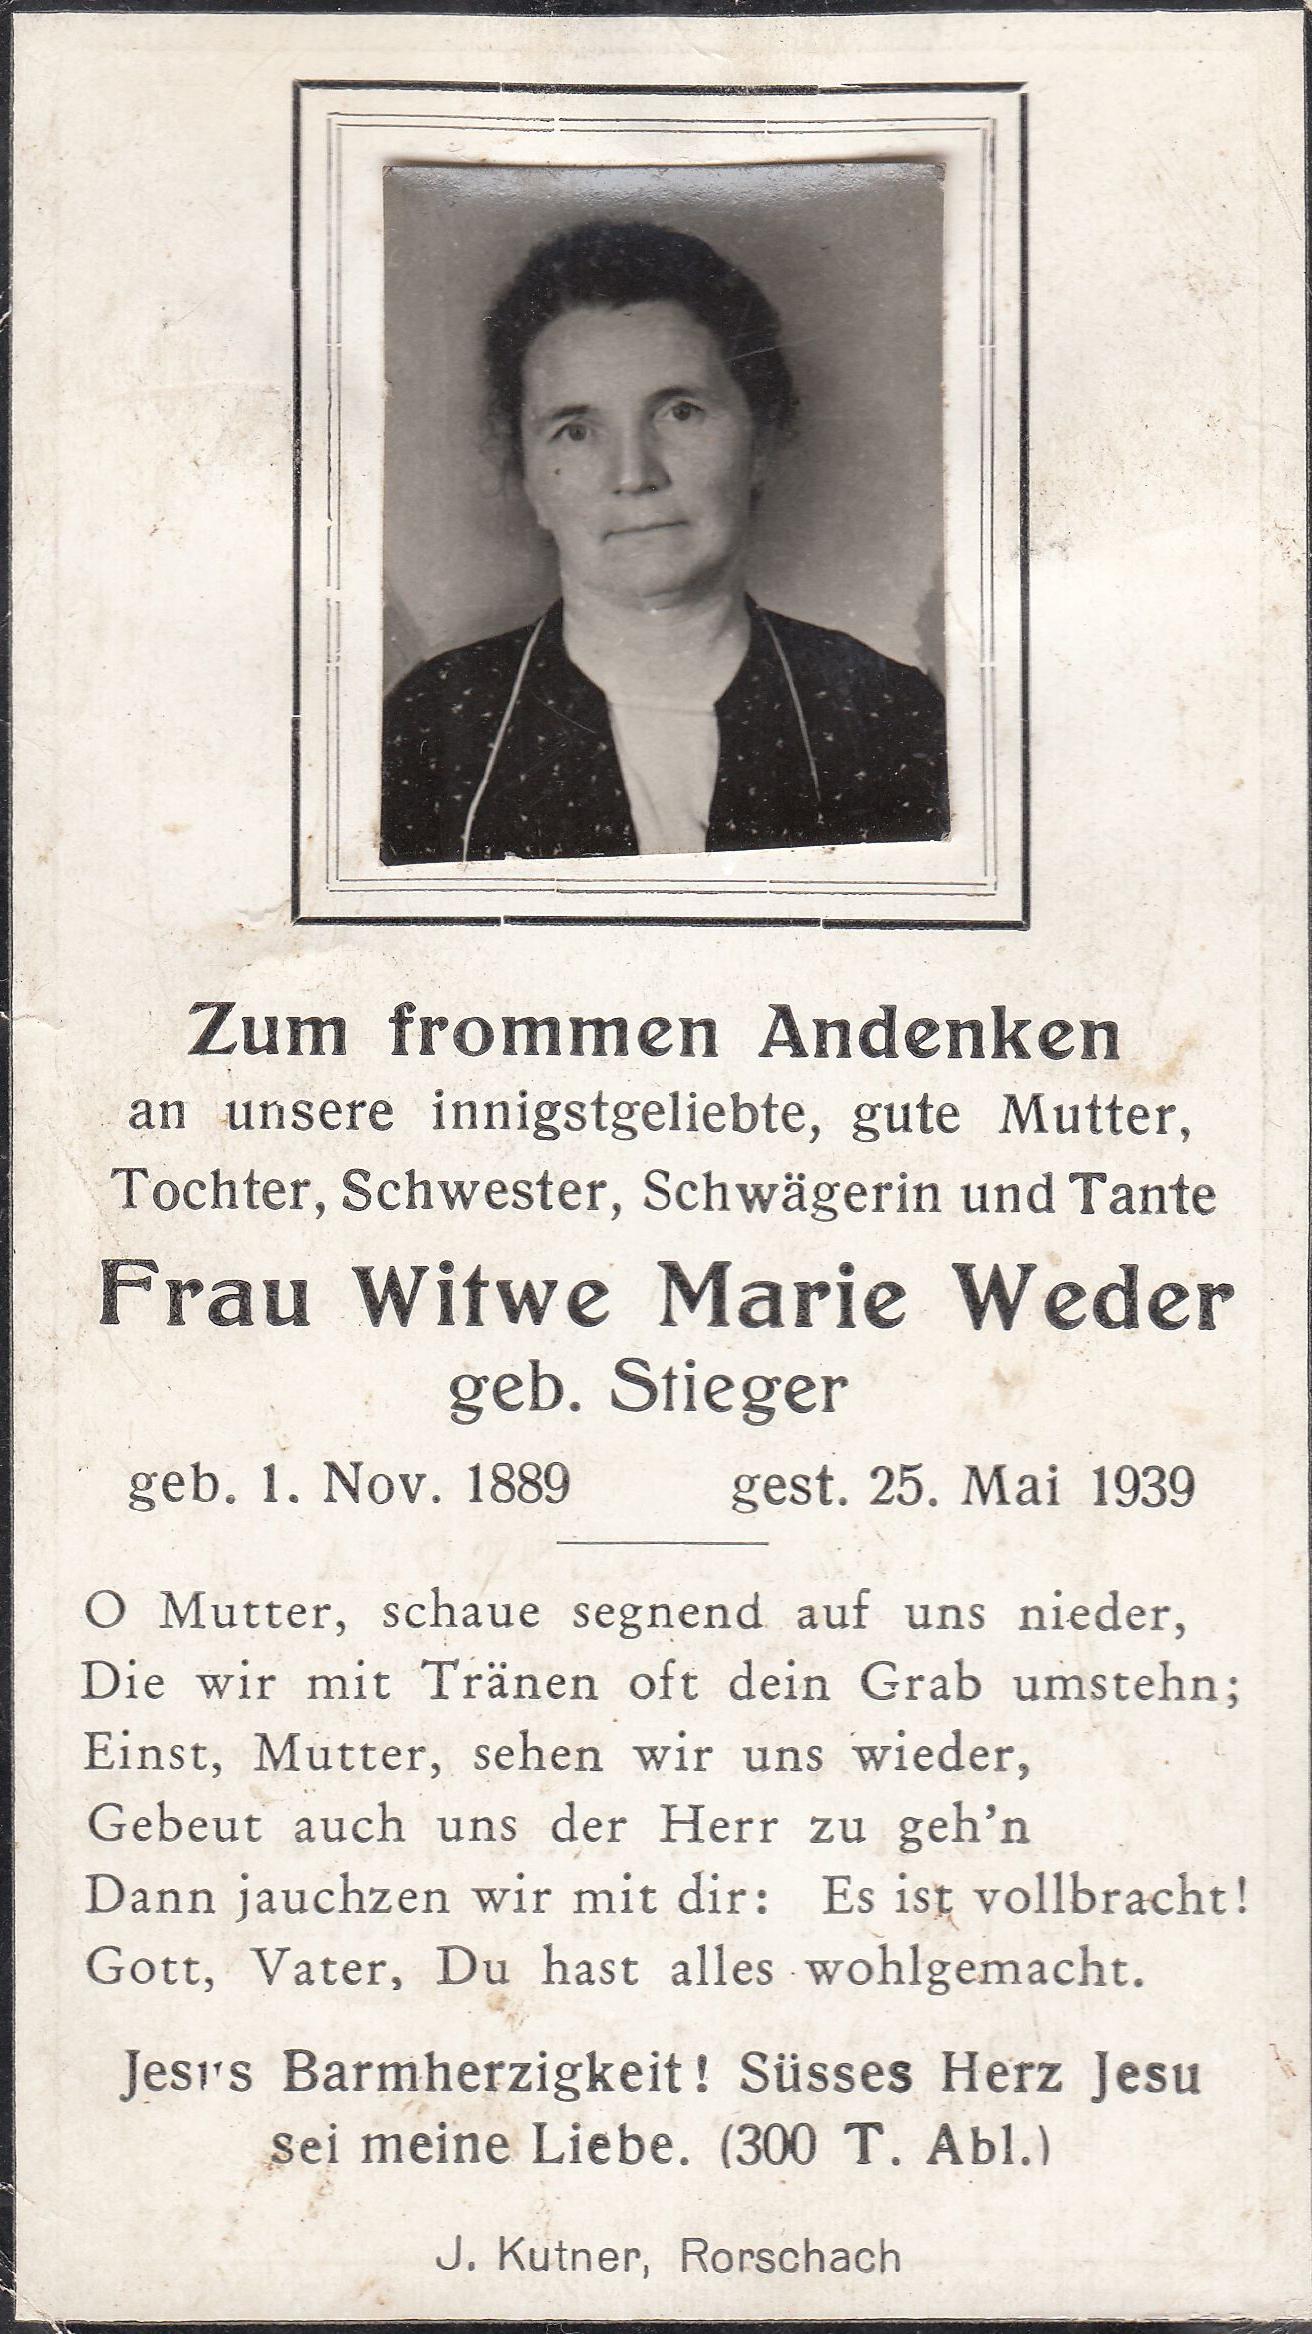 Marie Weder-Stieger (1889-1939)